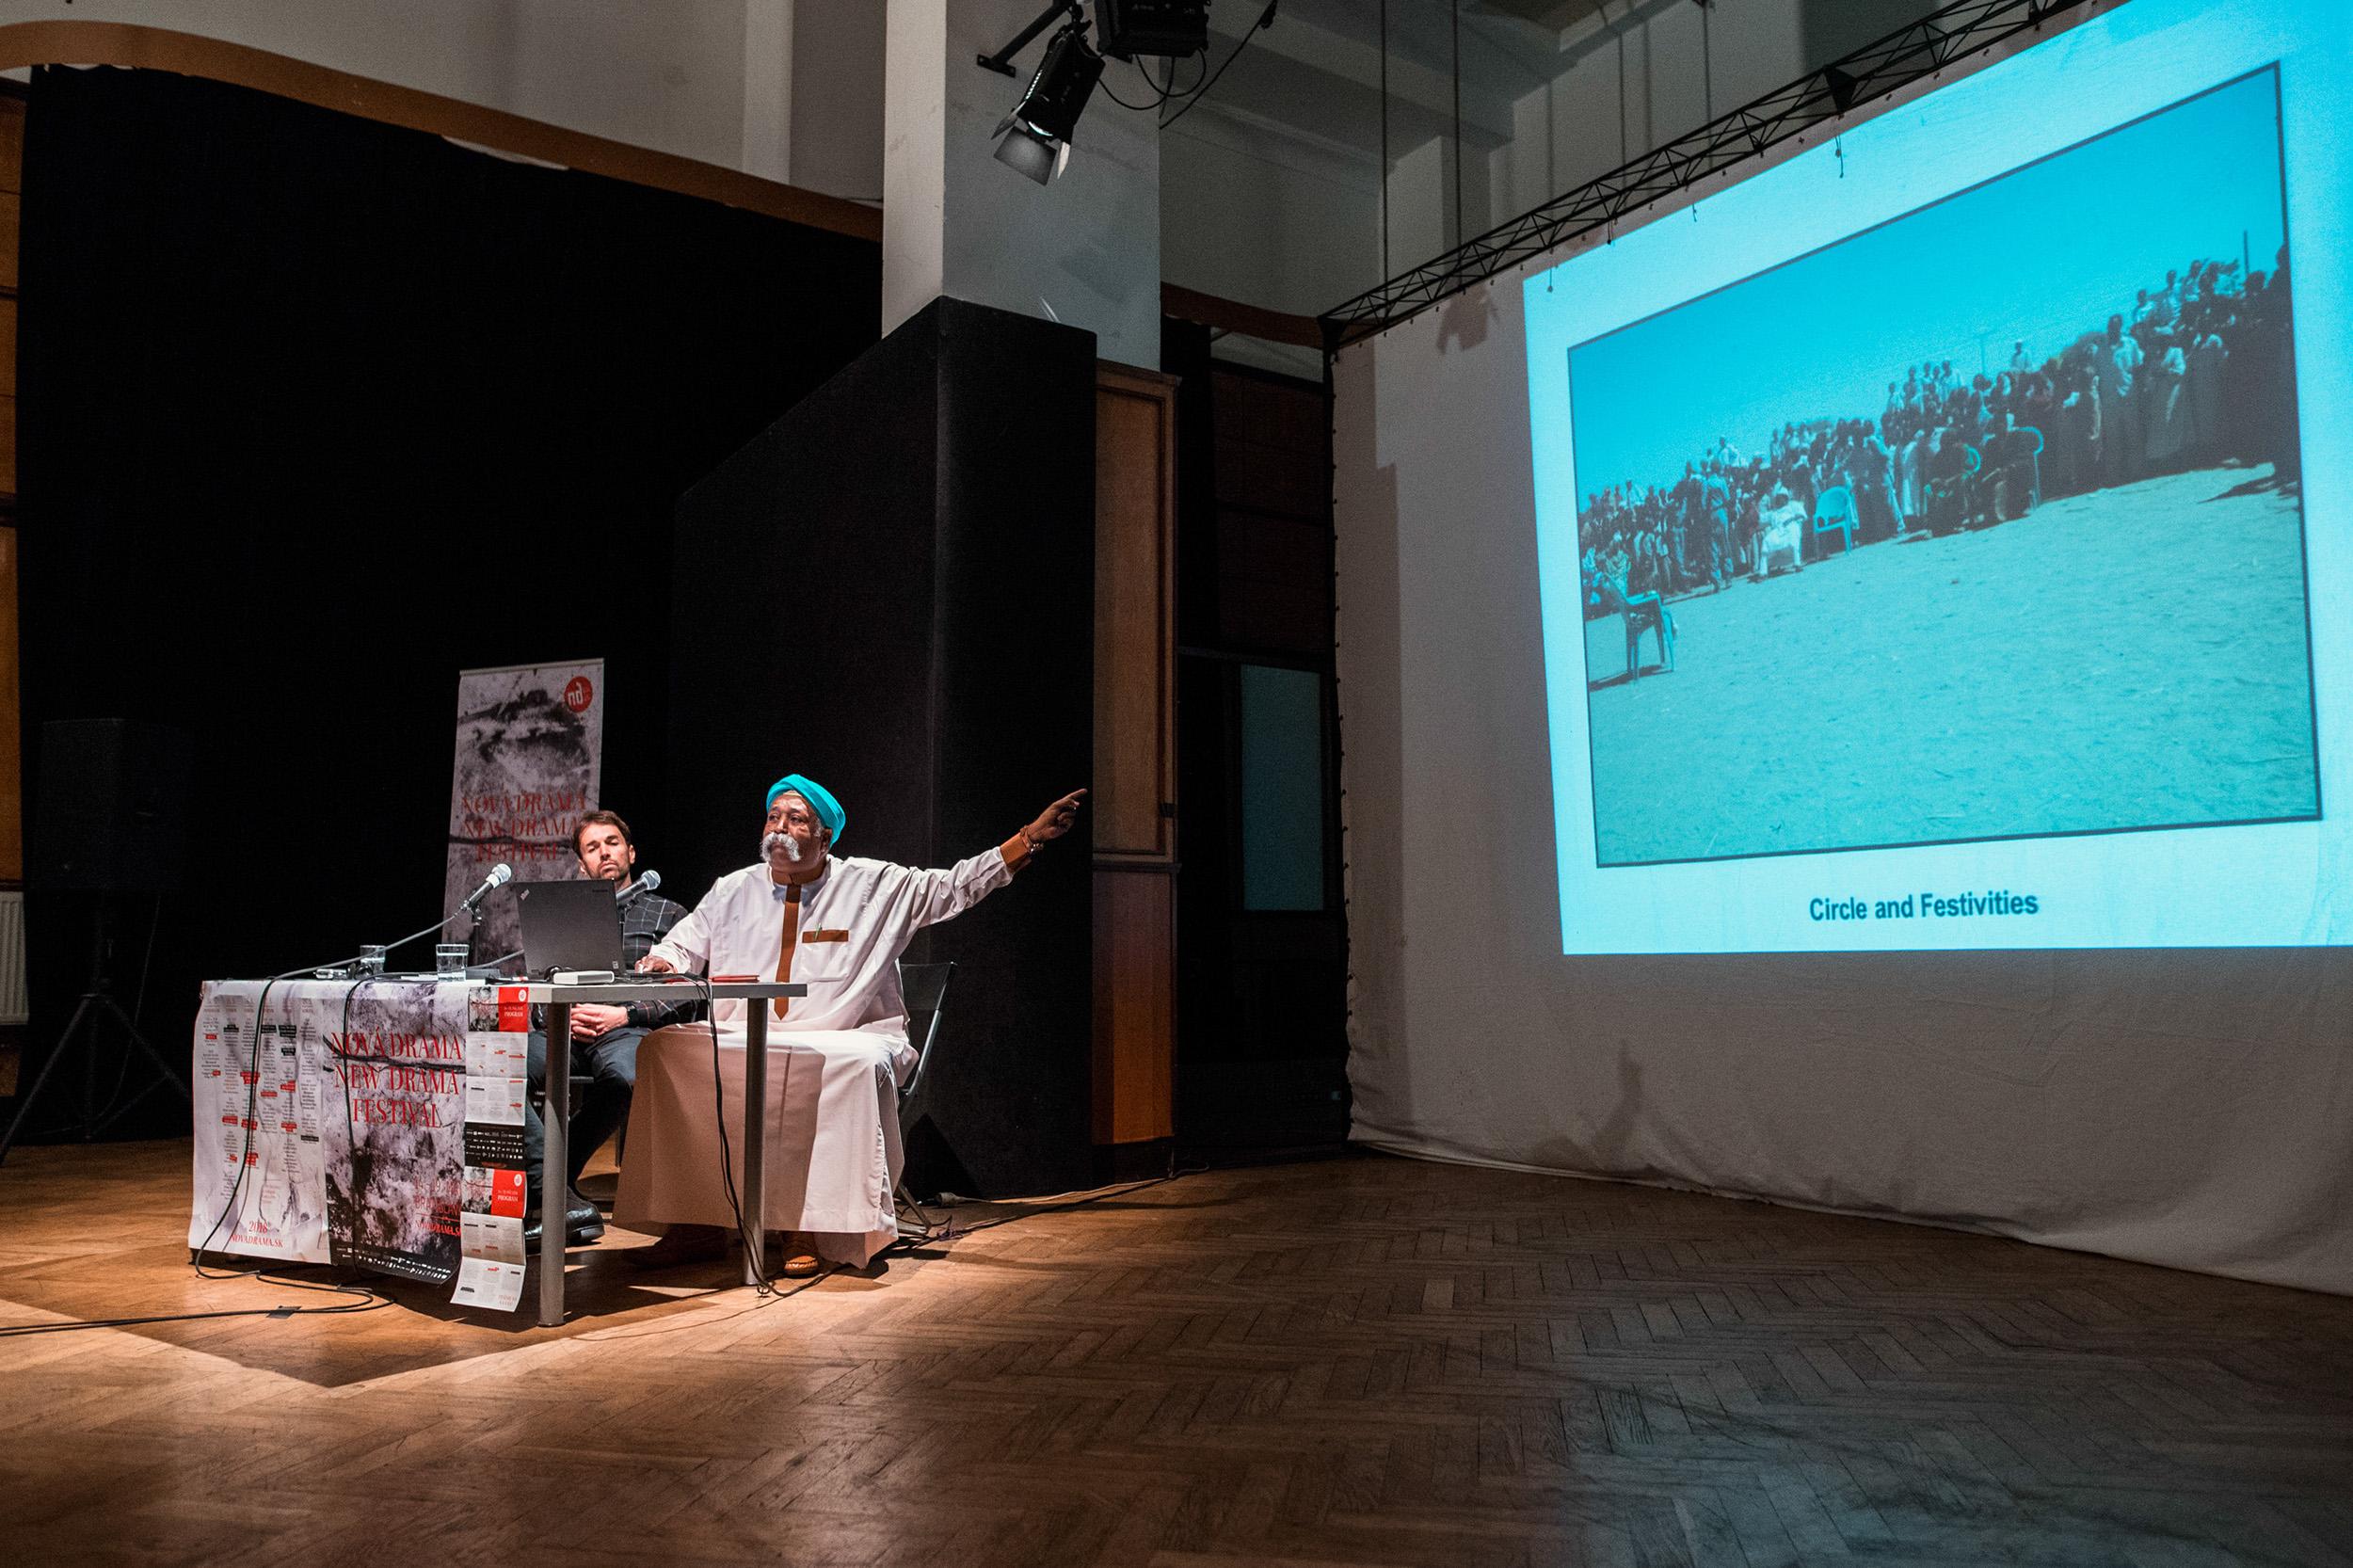 Mezinárodní setkání Divadlo v konfliktních zónách